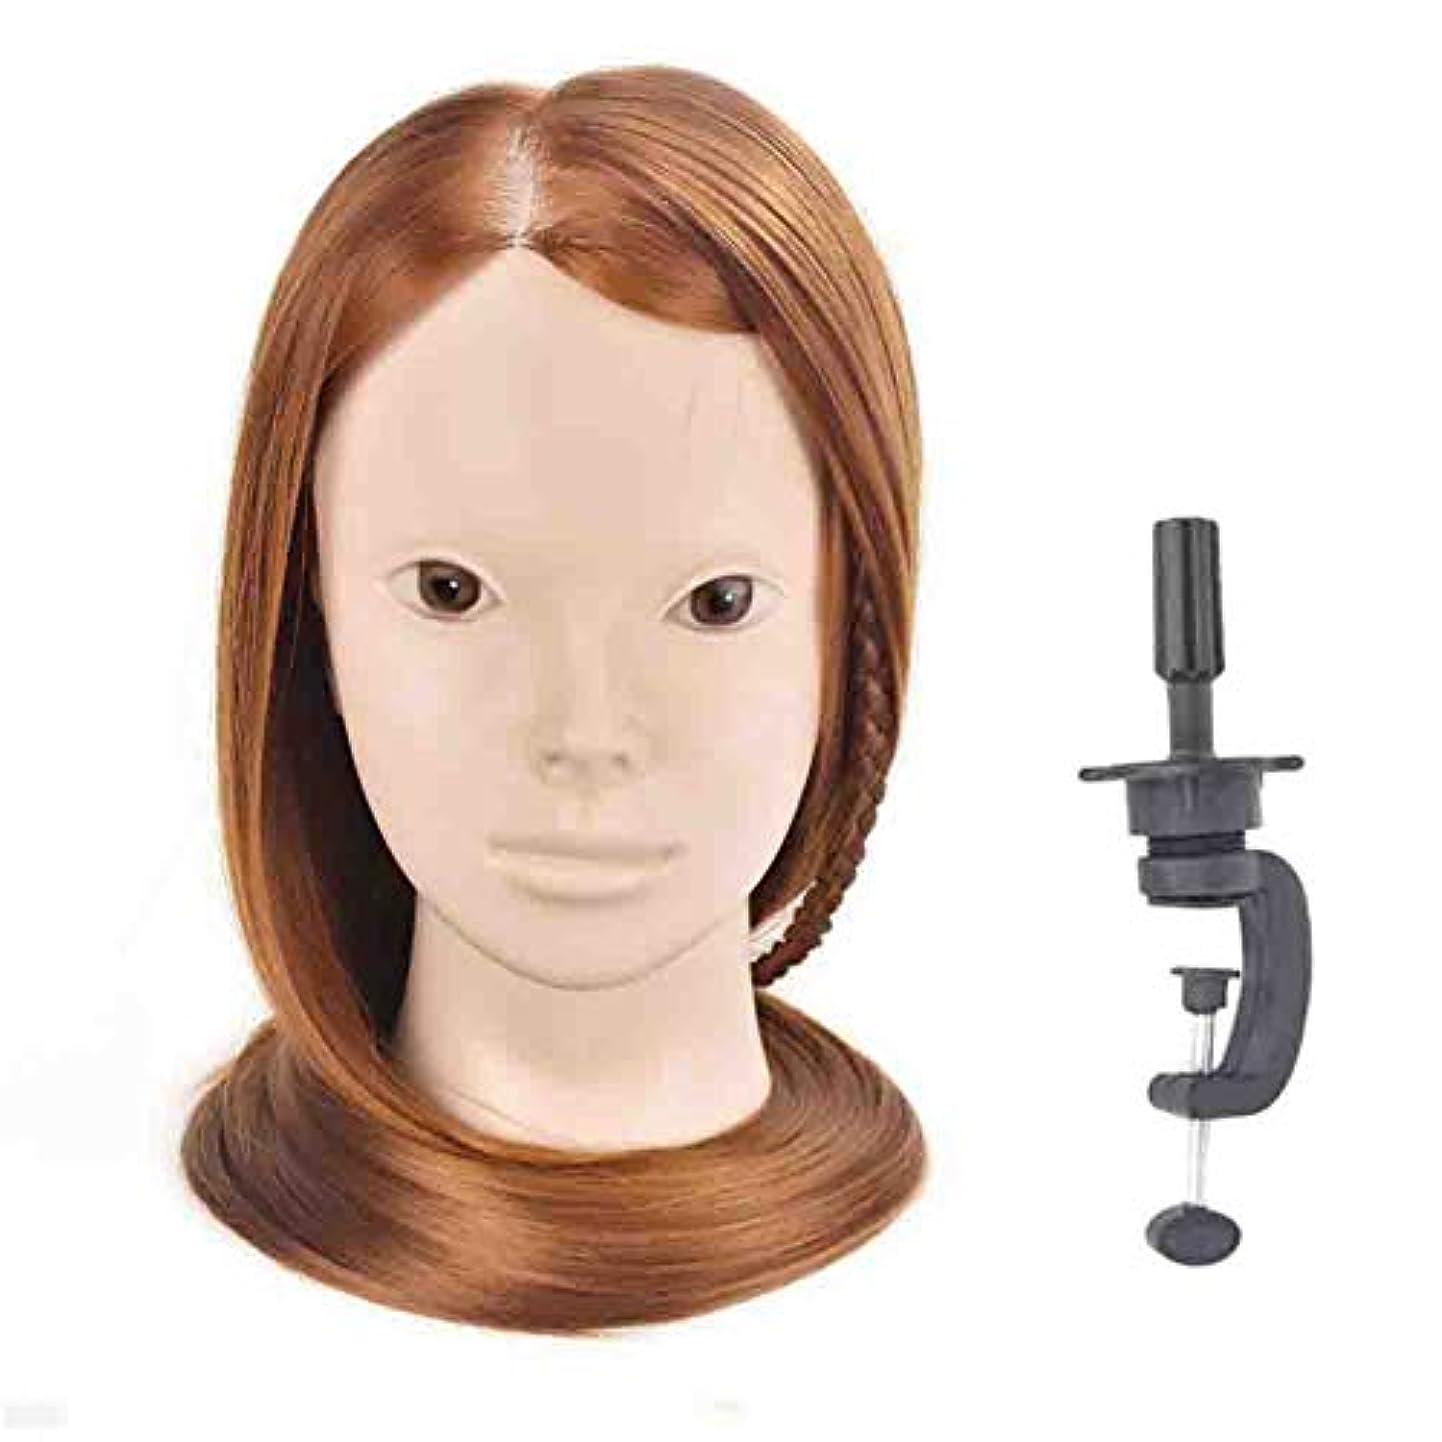 プレミア荒れ地致命的は、花嫁の髪編組ひも学習ヘッドモデル理髪モデルヘッド理髪サロン散髪ダミー練習ヘッド